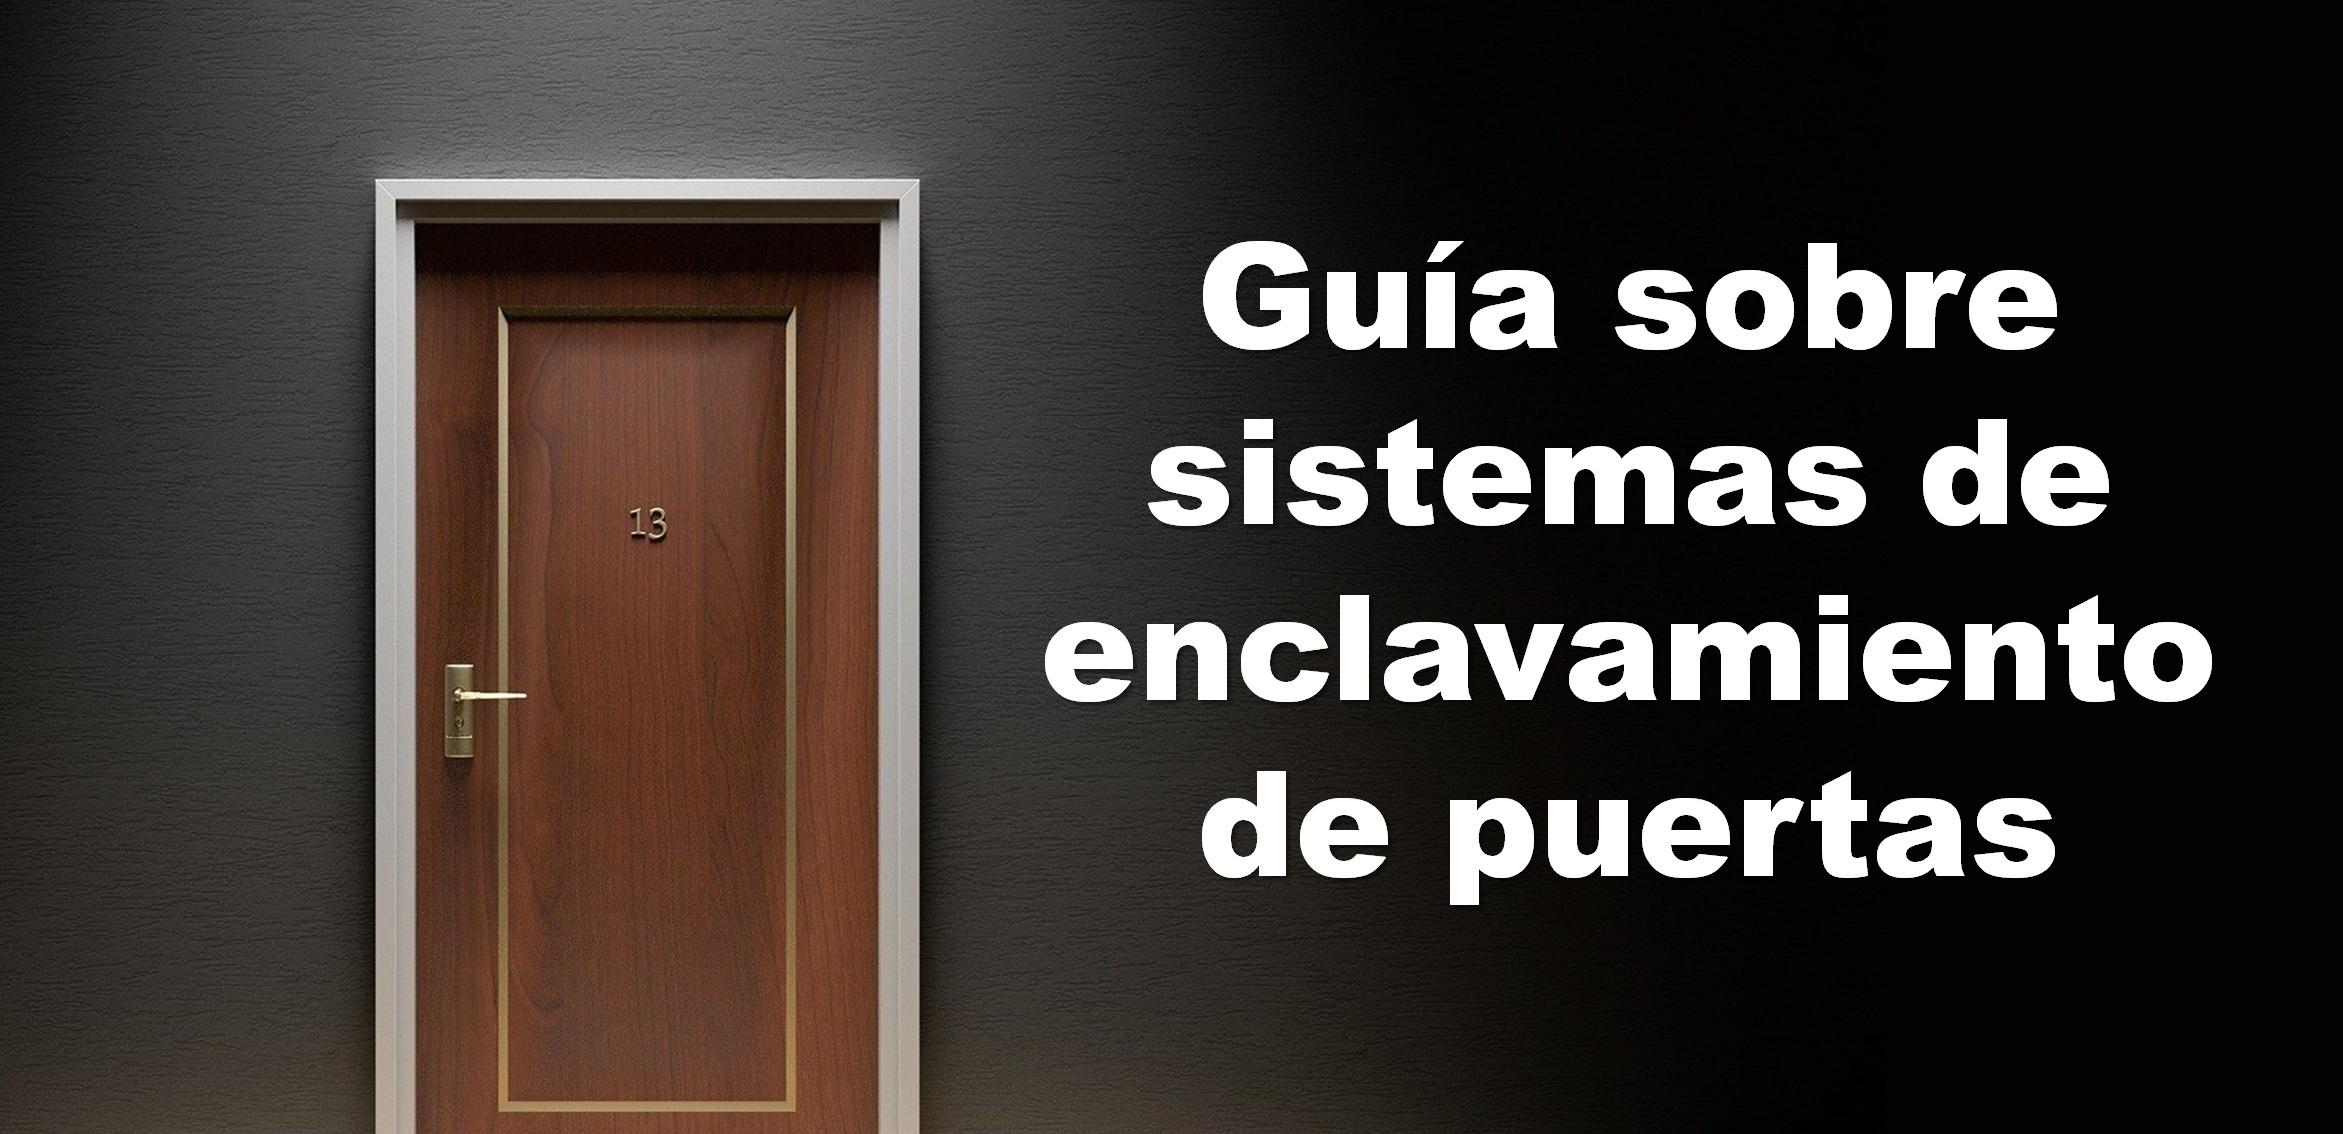 Guía sobre sistemas de enclavamiento de puertas